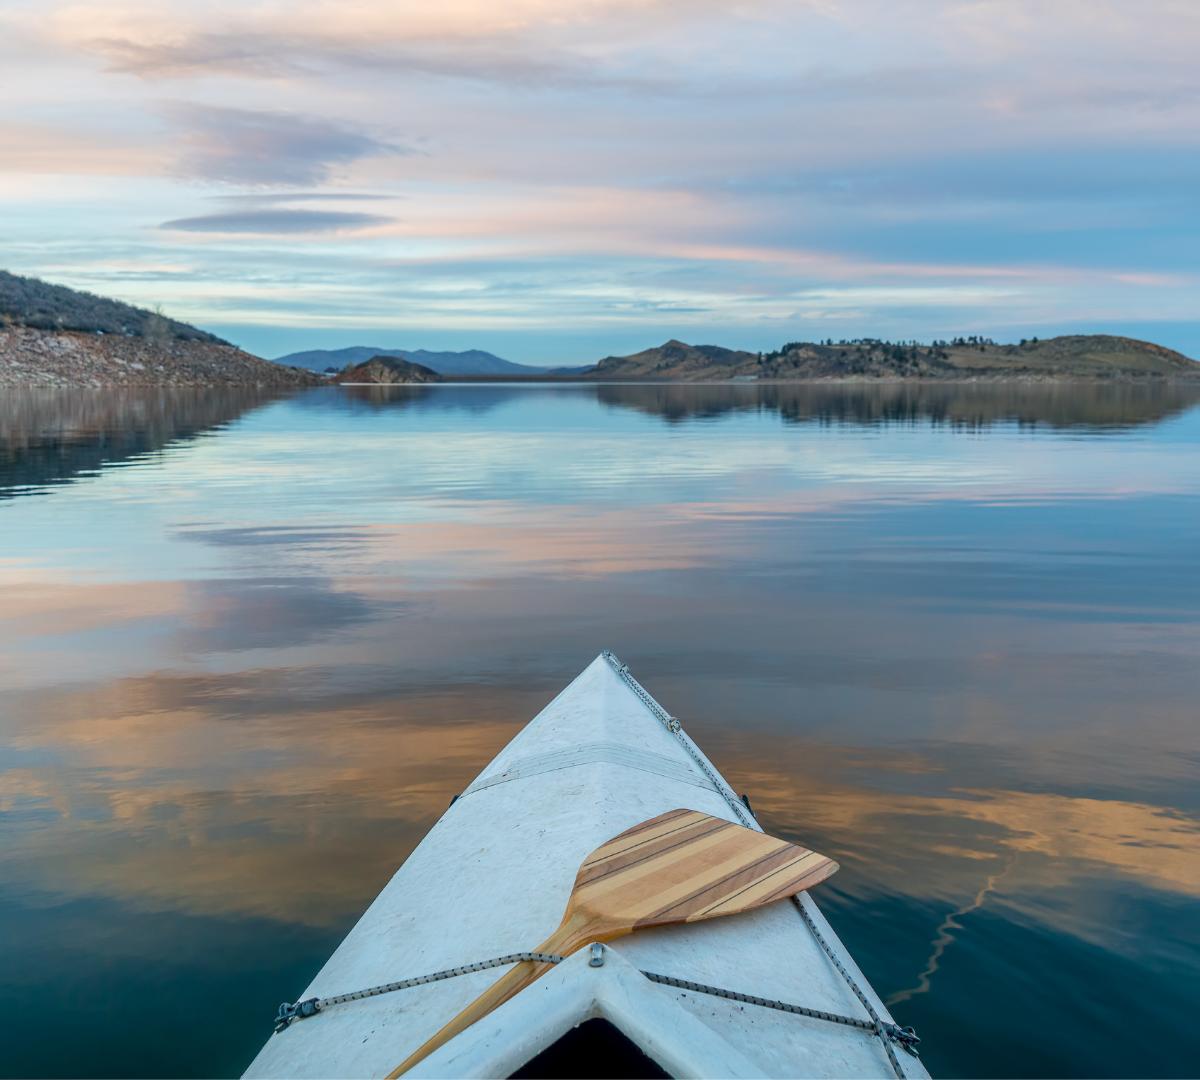 Lake Safety Tips